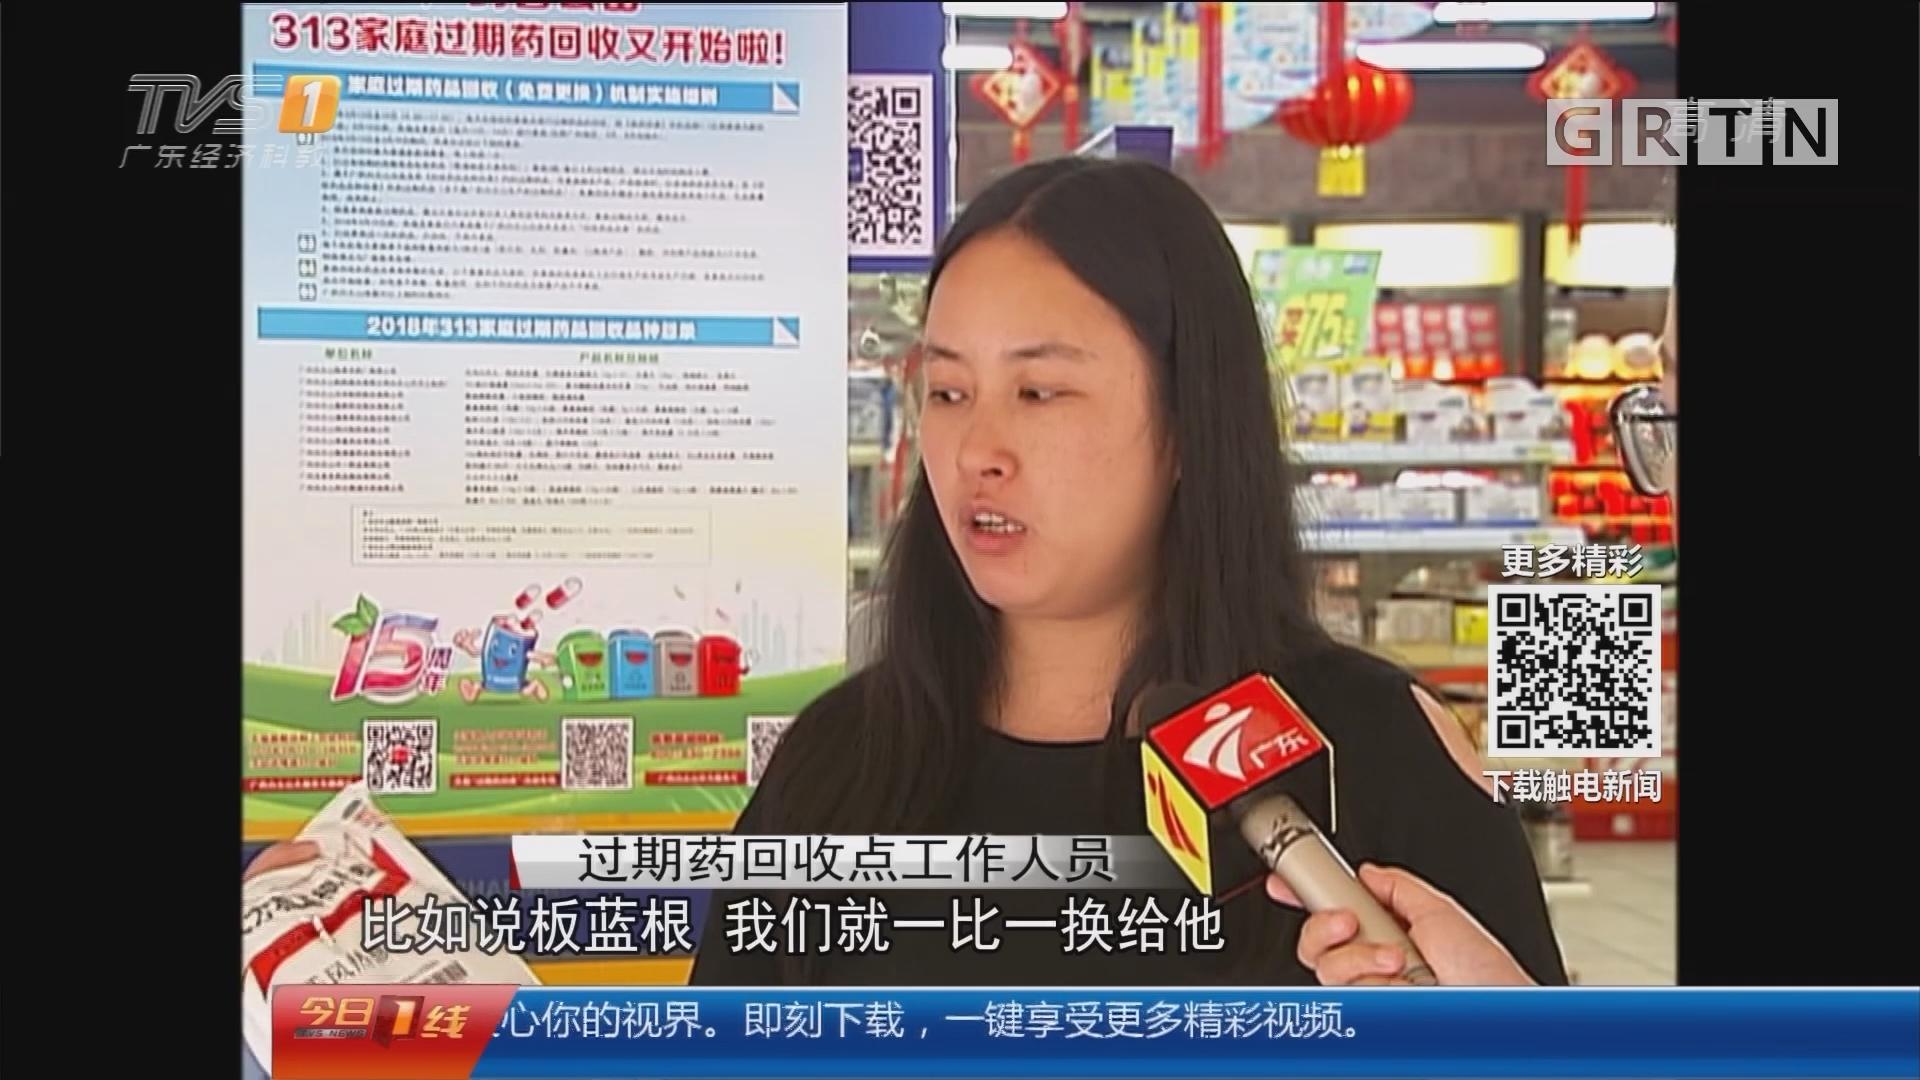 广州:家庭备用药过期了 该怎么回收利用?